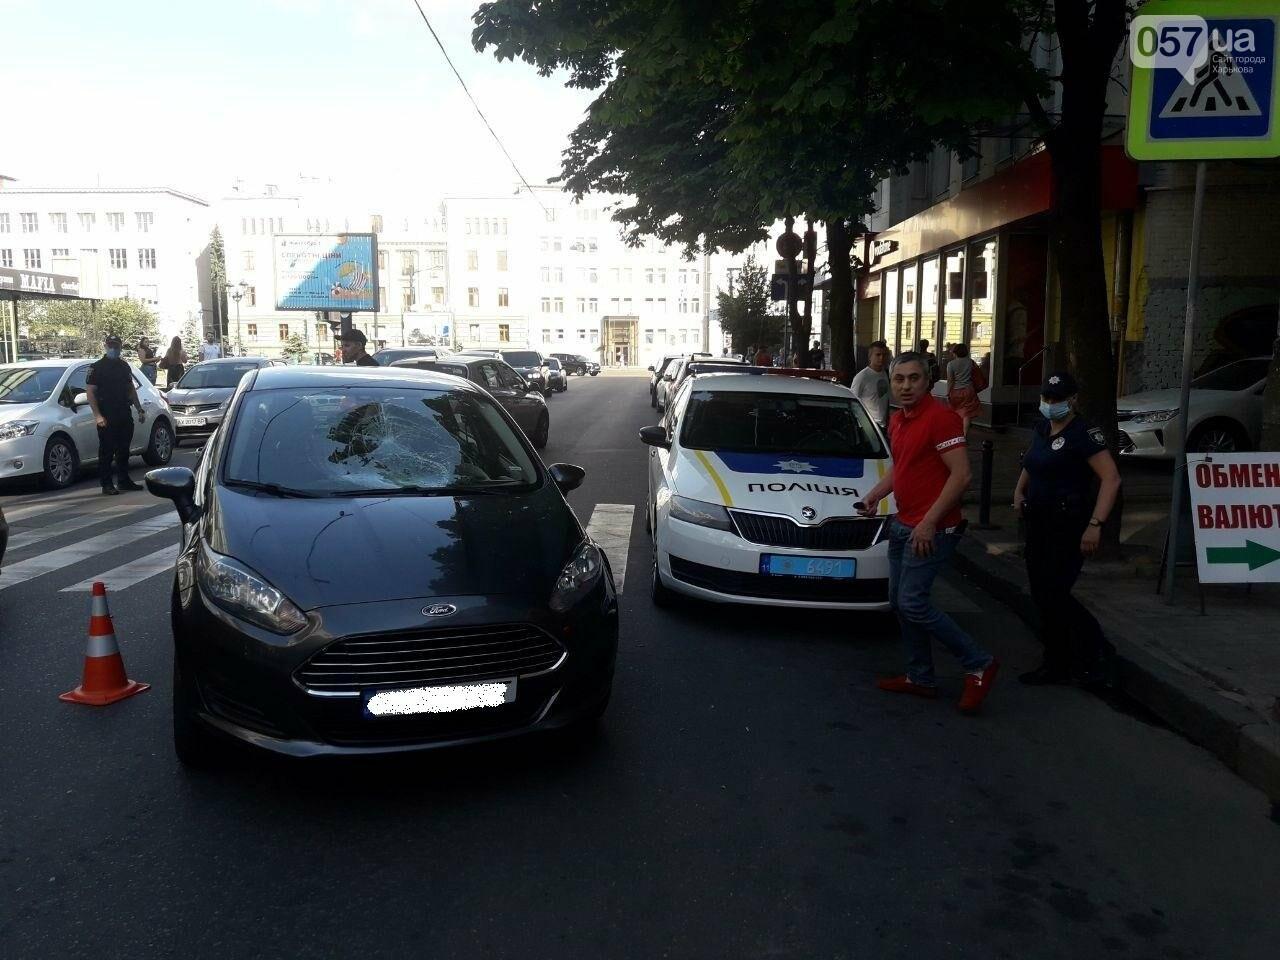 """На """"Пушкинской"""" легковое авто сбило пешехода на """"зебре"""": пострадавший в больнице, - ФОТО, фото-8"""